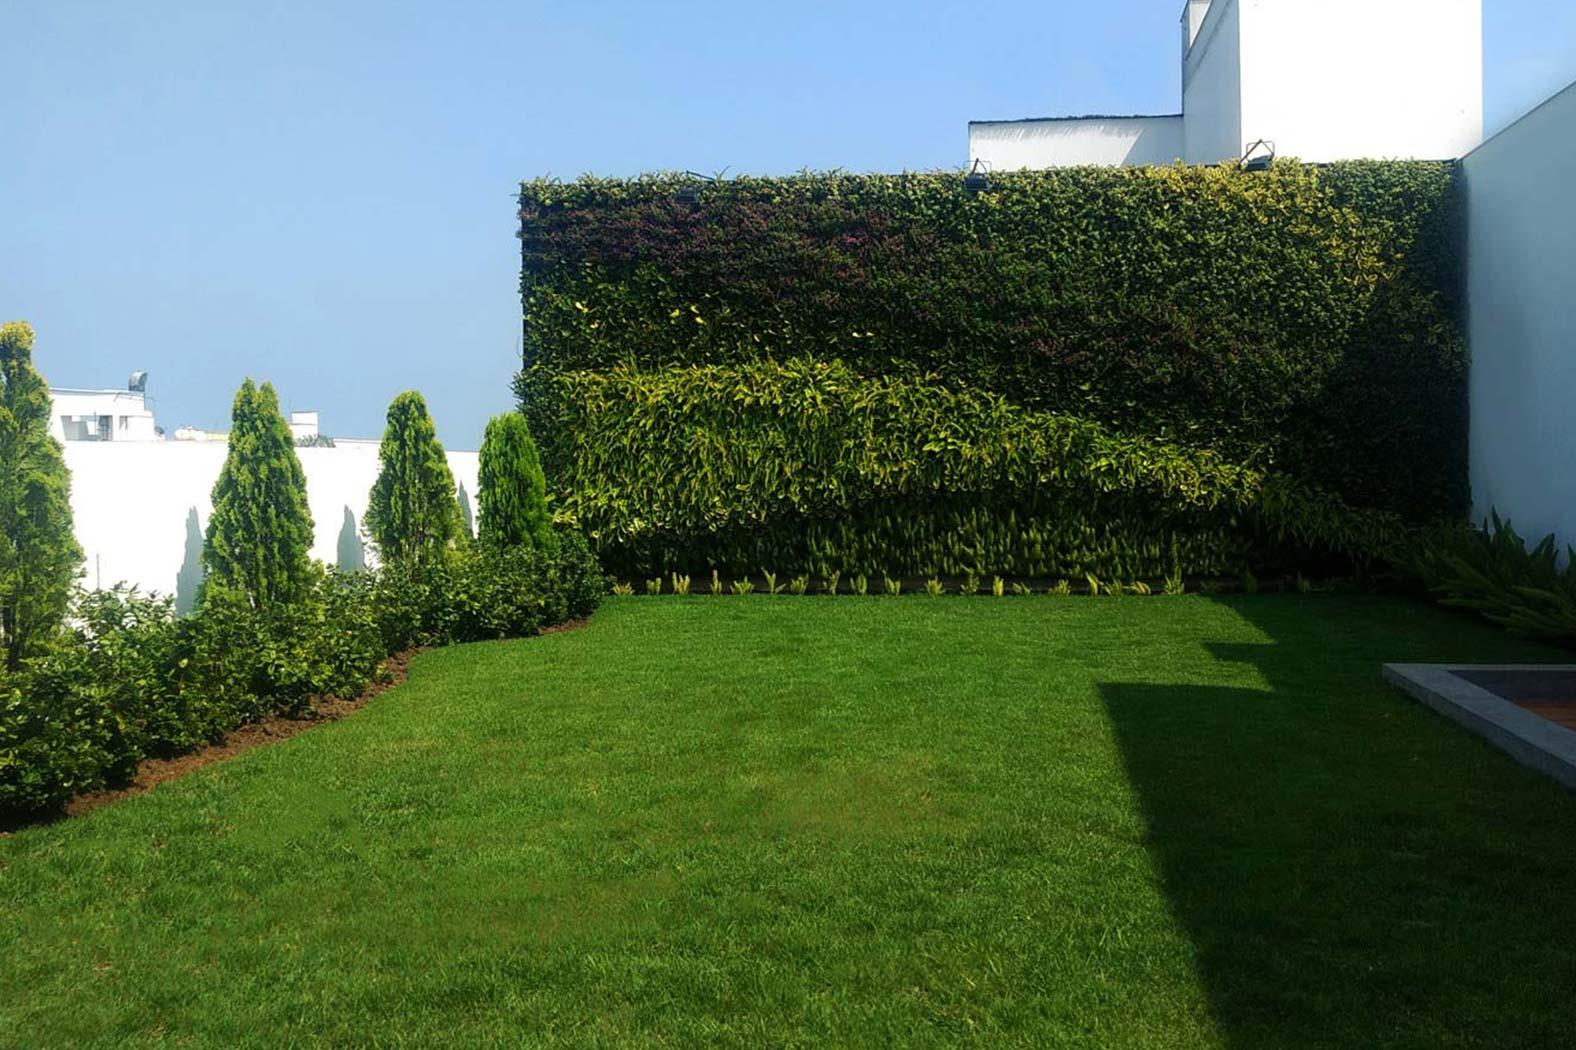 Proyectos jard n vertical jardines verticales for Jardines verdes